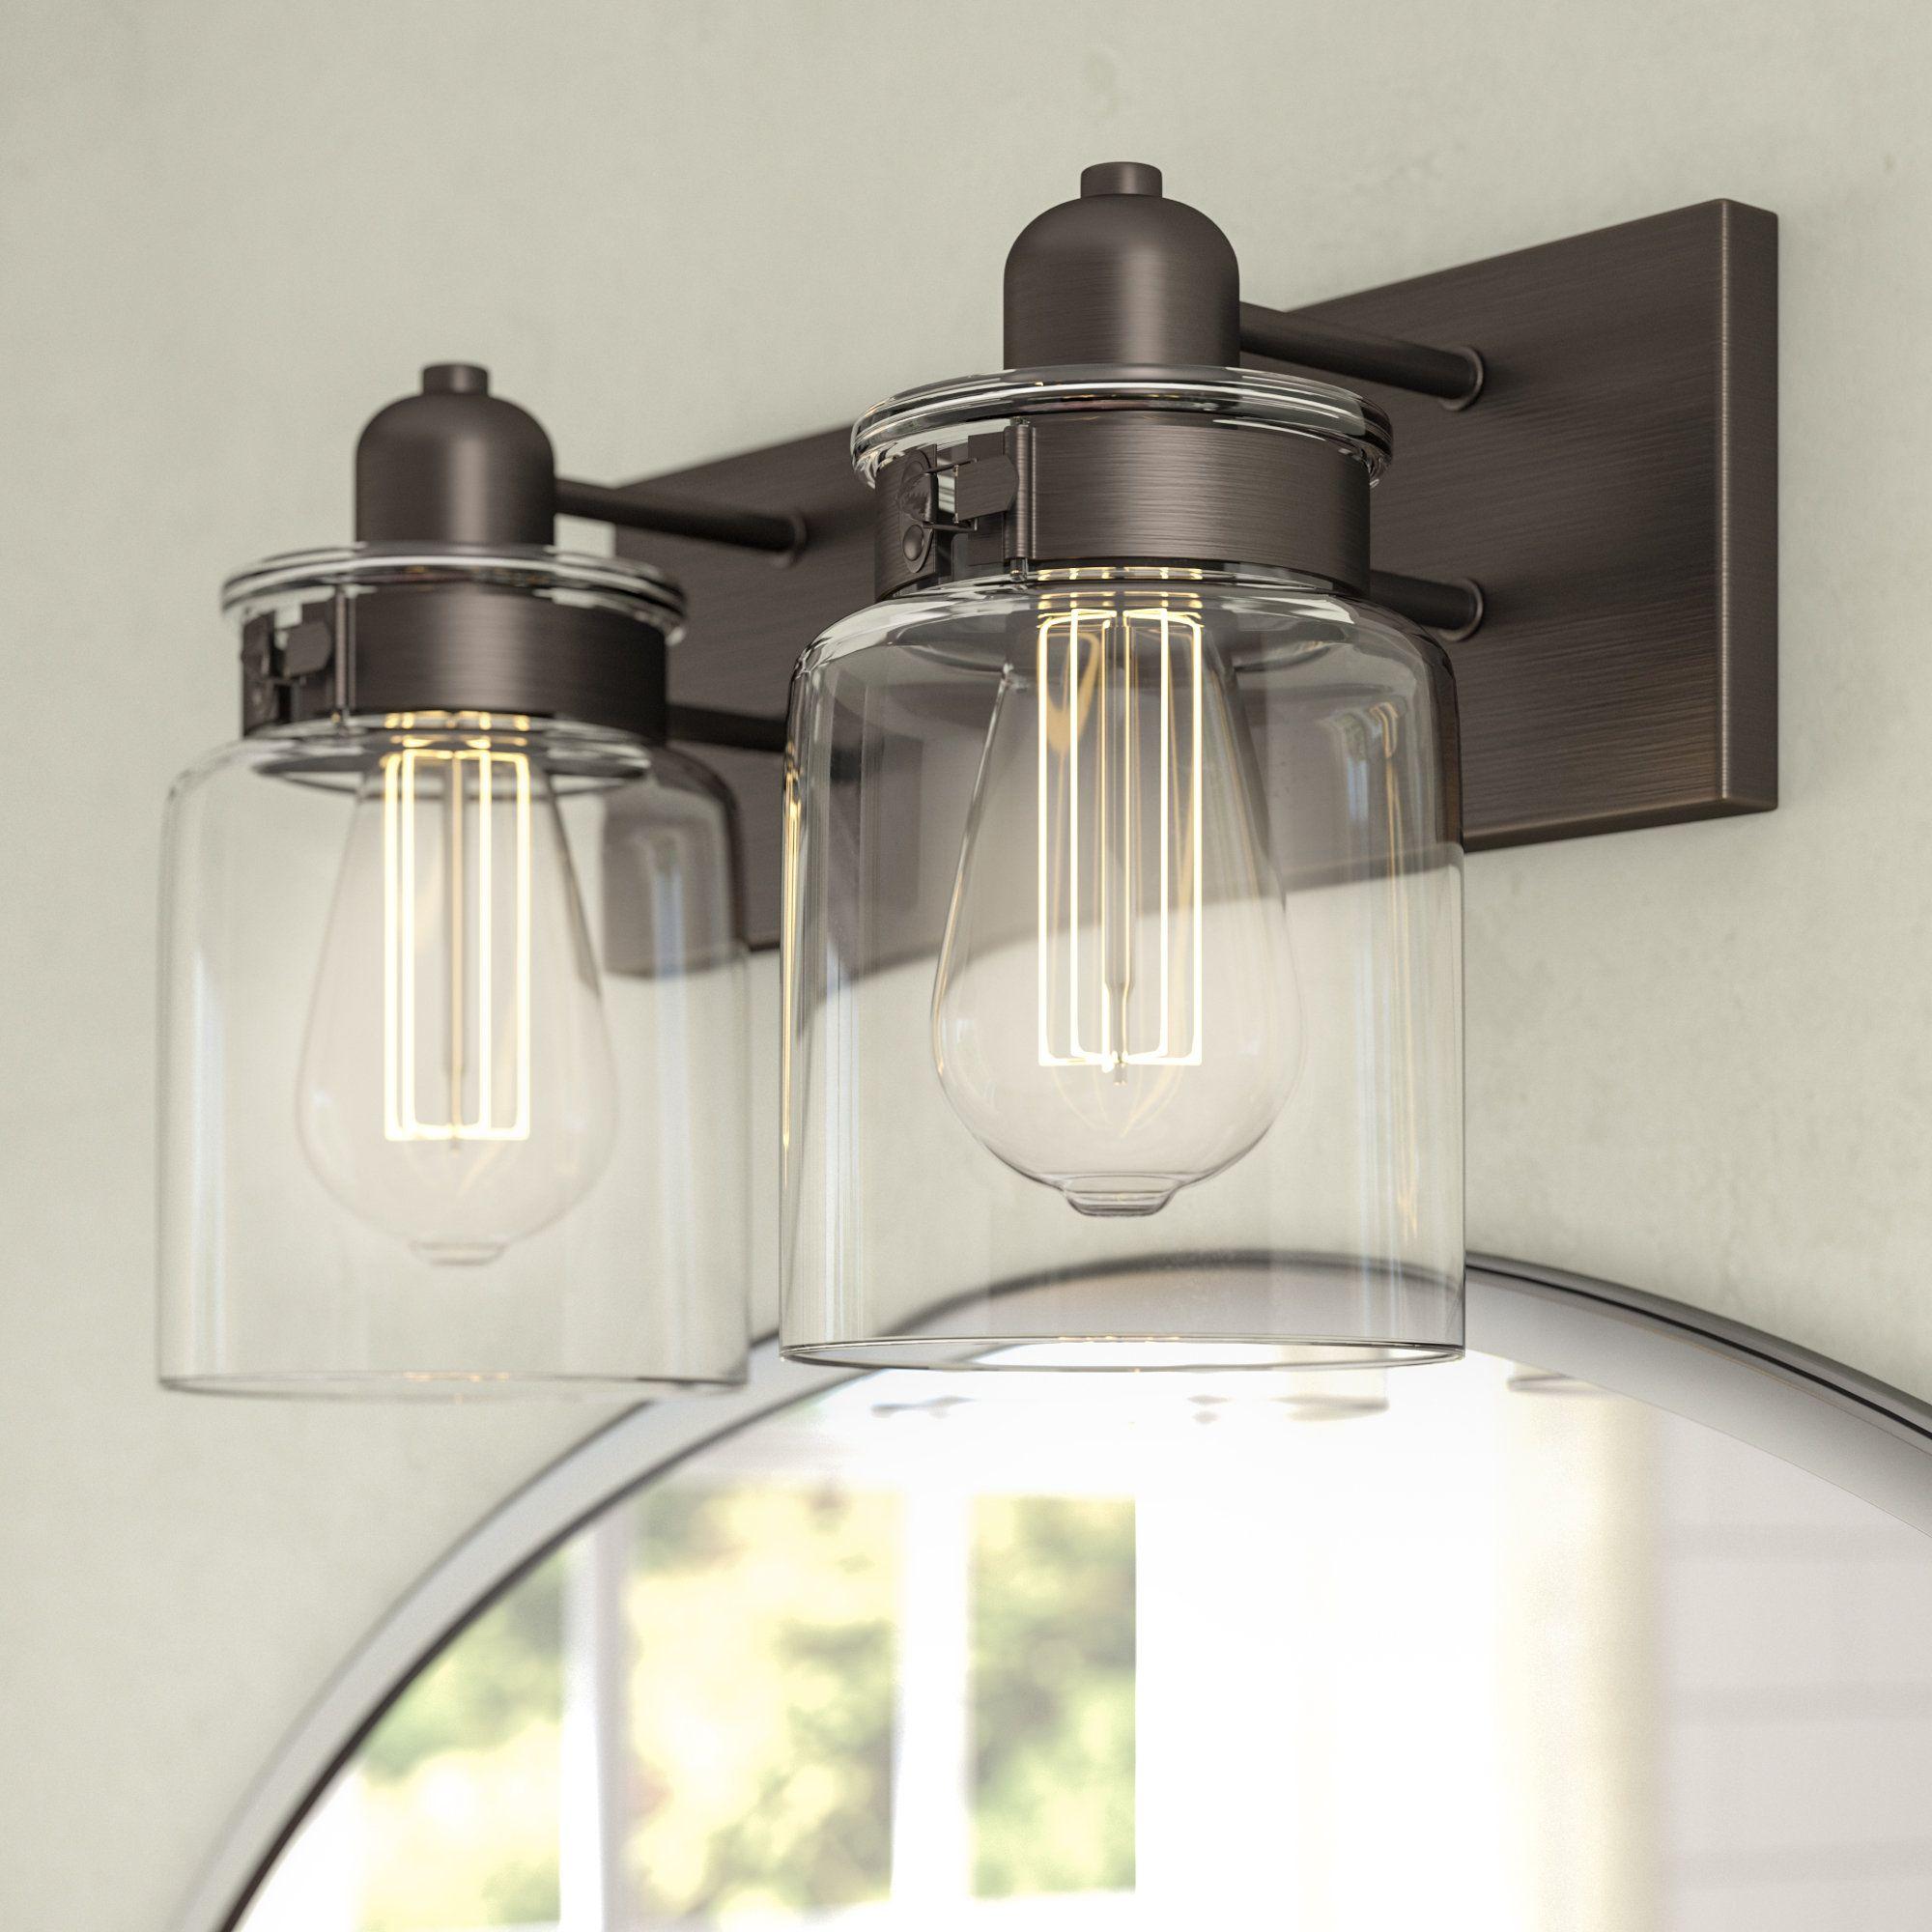 Vasilia 2 Light Vanity Light Farmhouse Bathroom Light Vanity Lighting Bathroom Light Fixtures